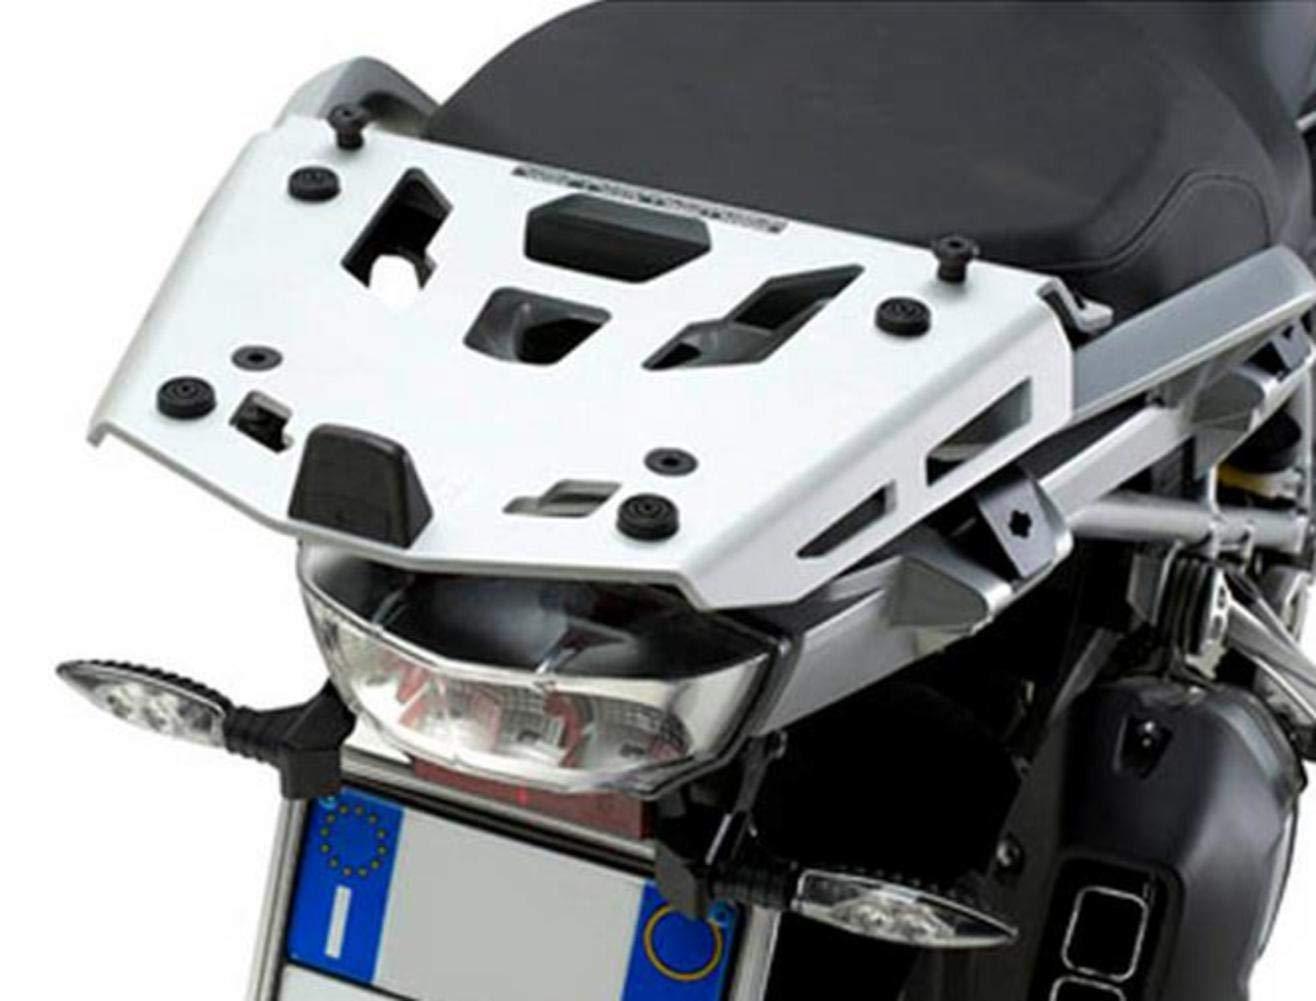 Givi Support Valise Top Case Monokey avec Plaque Aluminium BMW R 1200 GS 13-16